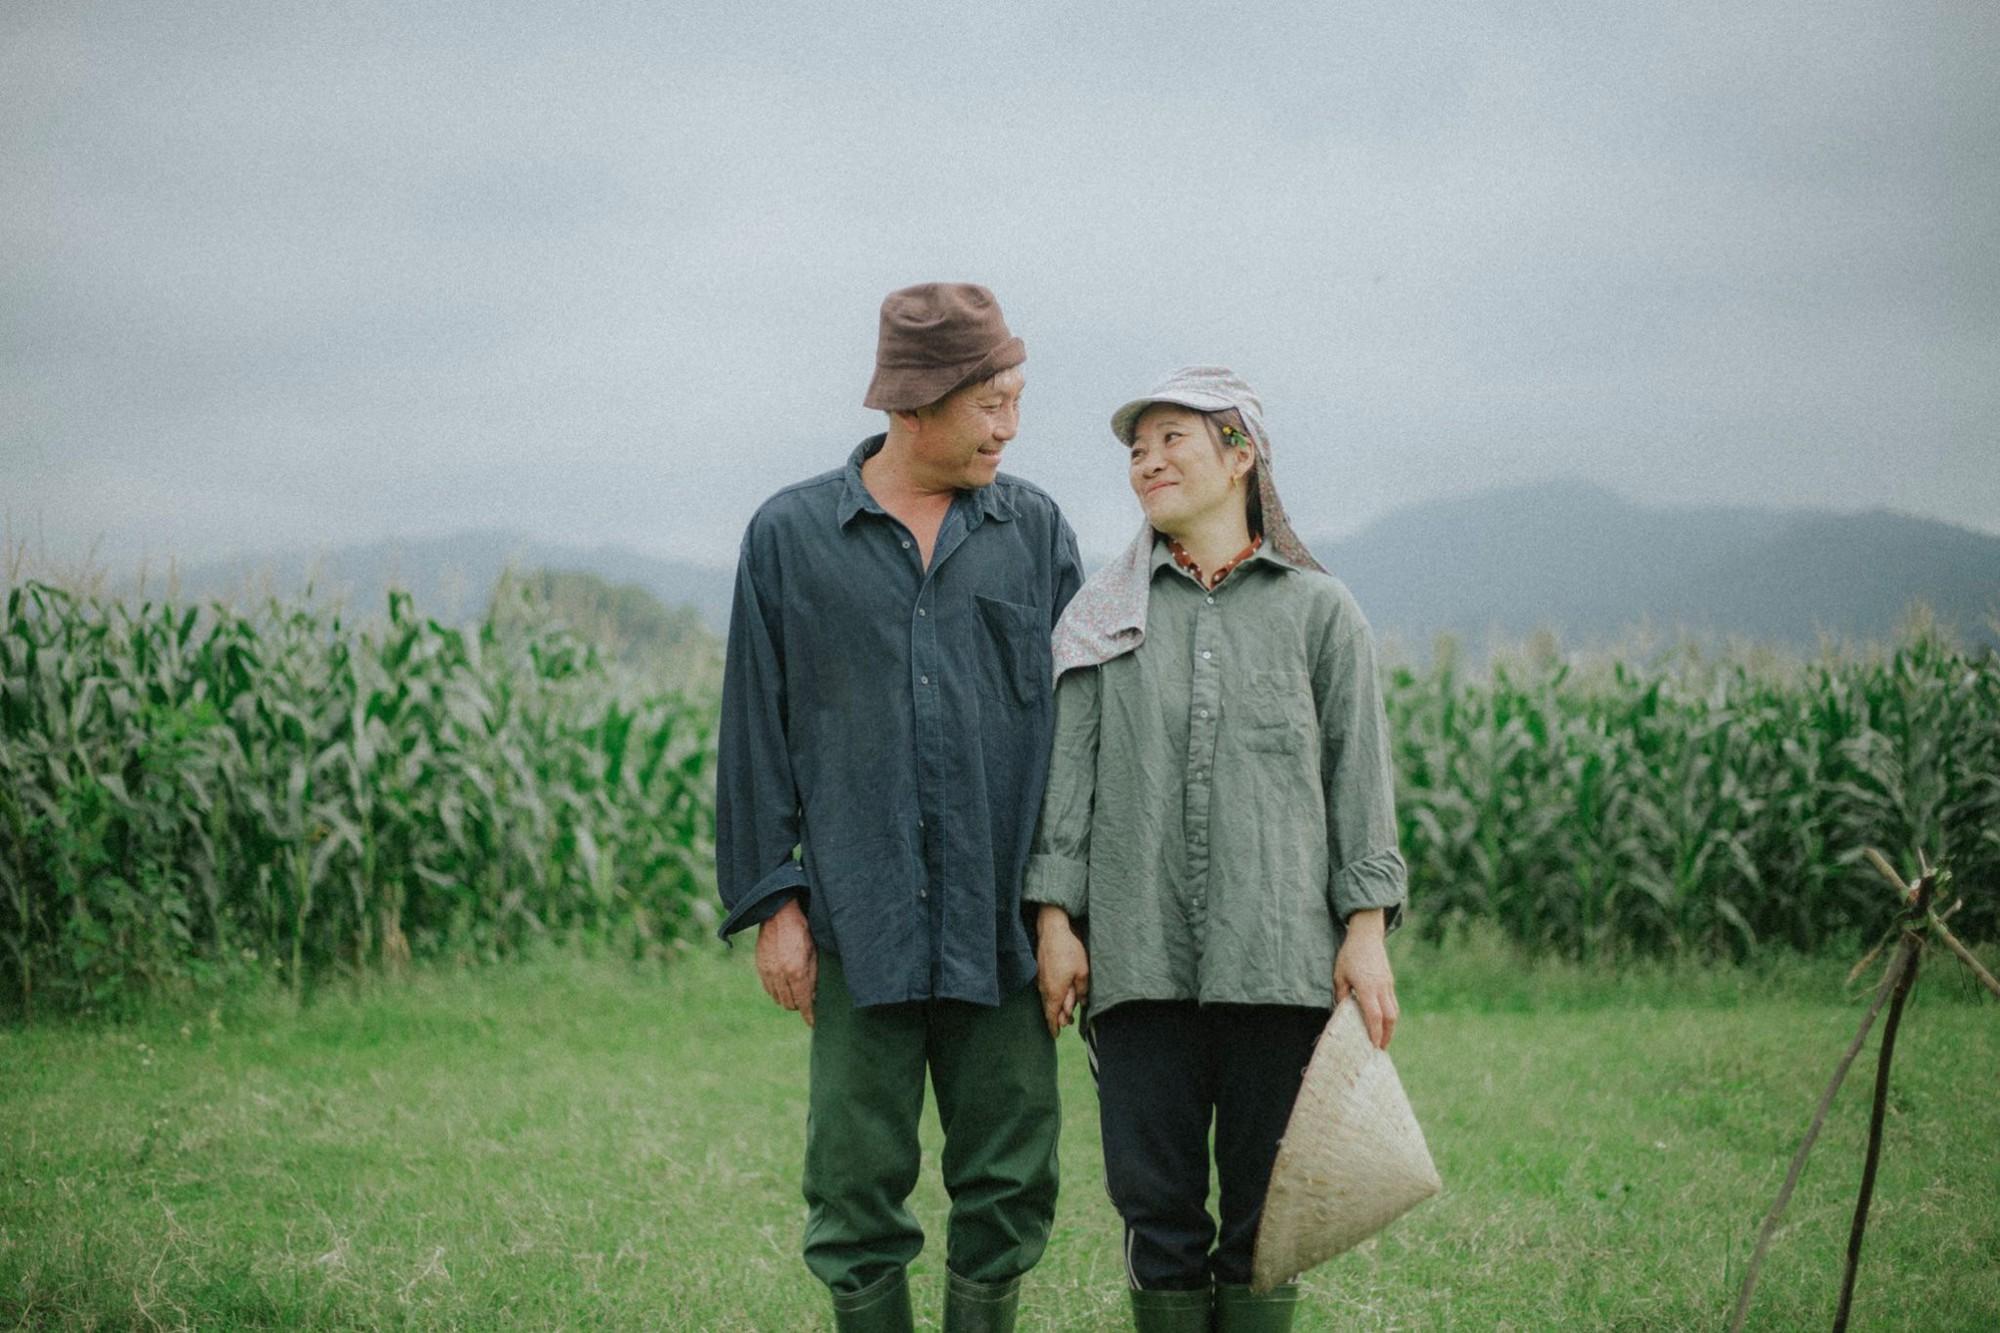 Bộ ảnh con trai chụp bố mẹ trên cánh đồng khiến ai cũng bất giác mỉm cười vì quá đỗi bình yên - Ảnh 6.